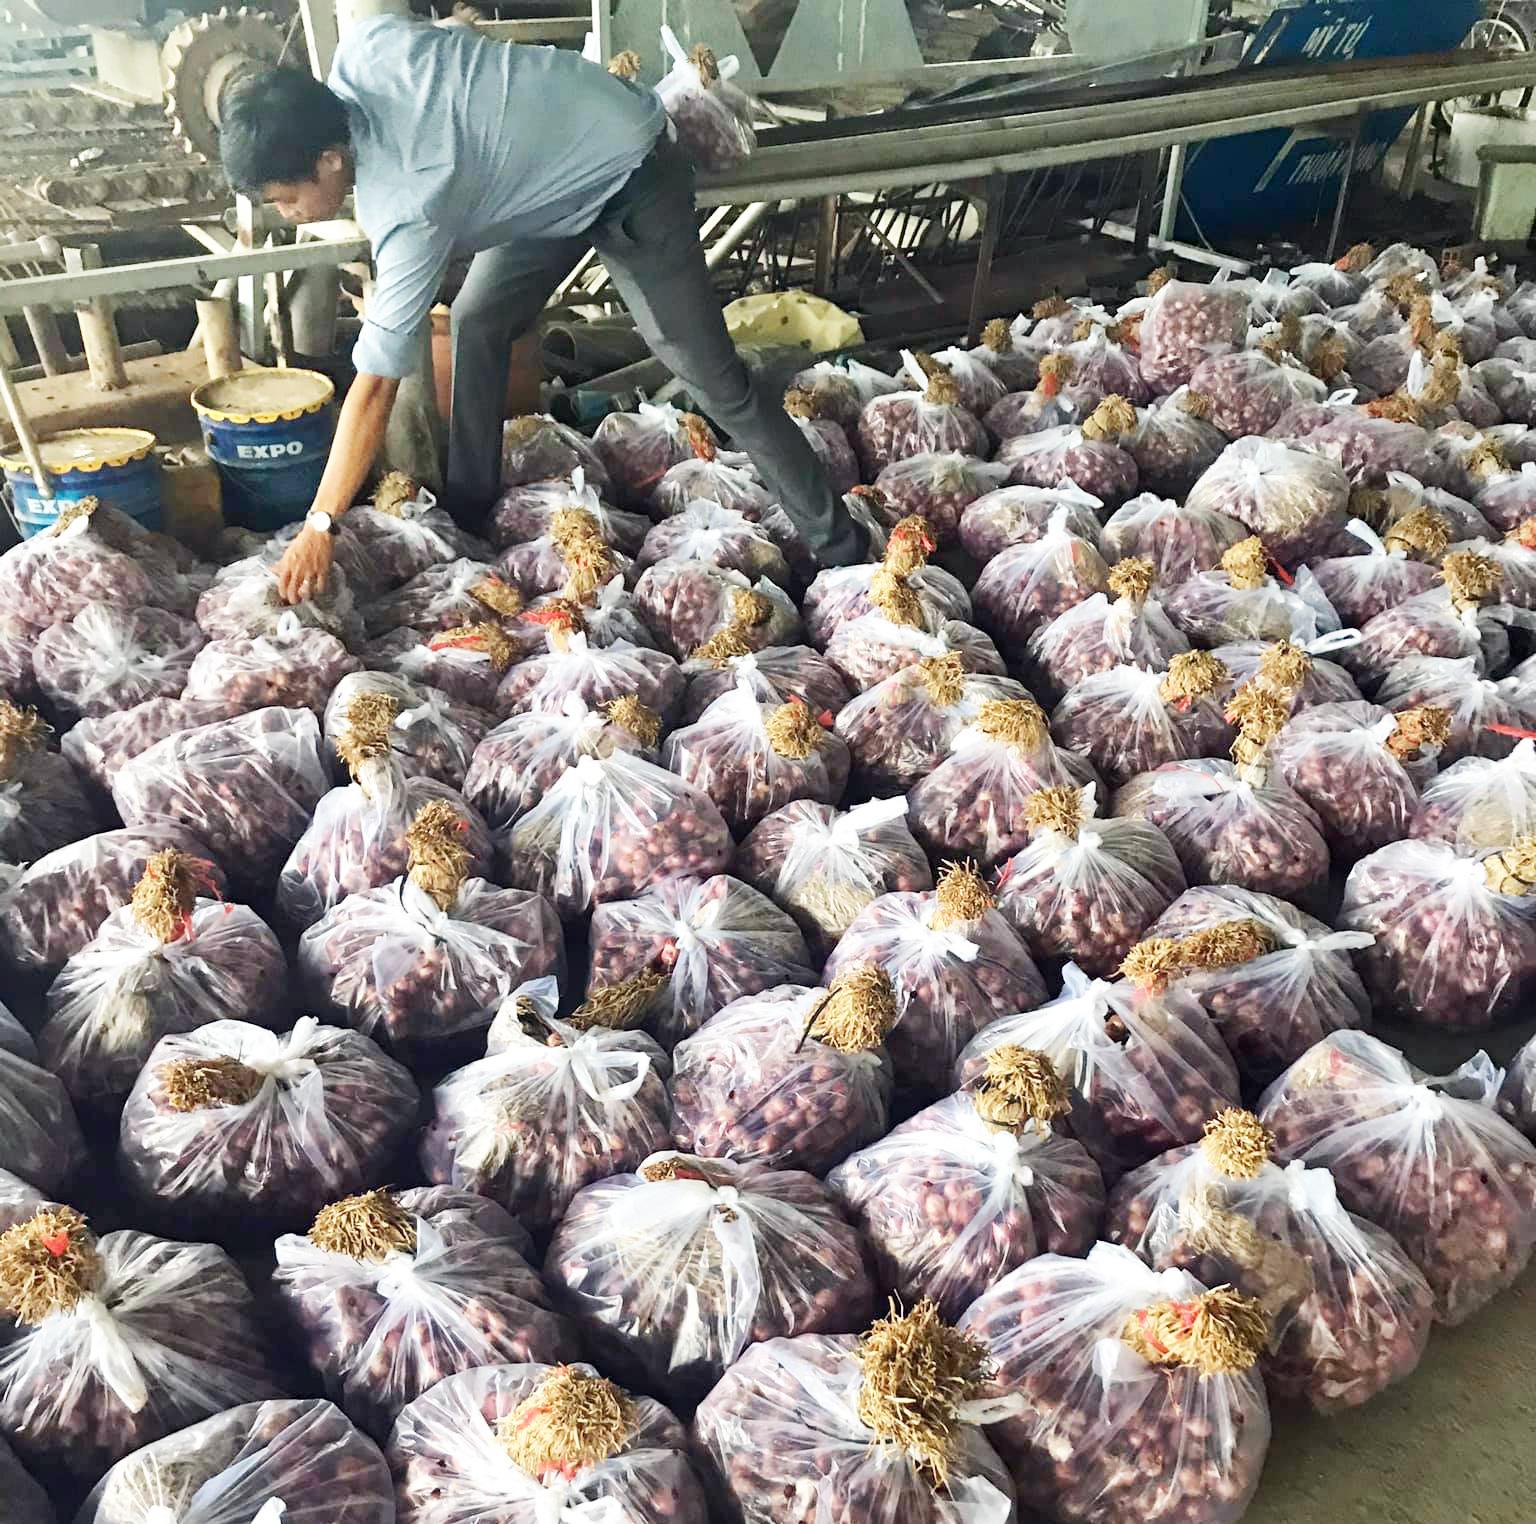 """Hơn 300 tấn hành tím Vĩnh Châu được """"giải cứu"""", riêng chủ tịch thị xã mua 2,7 tấn - Ảnh 3."""